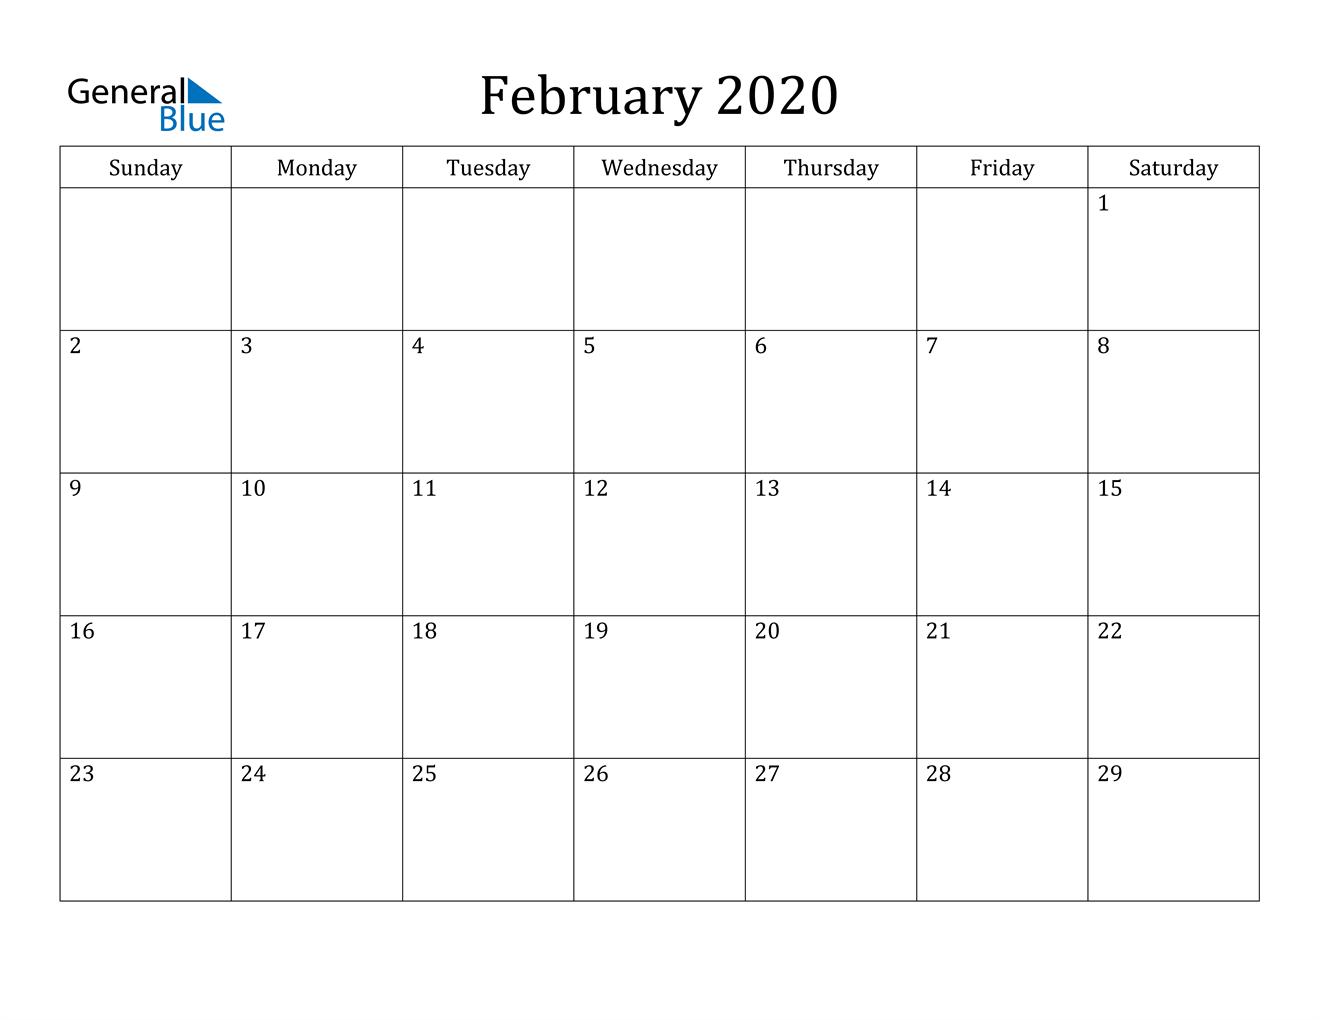 Image of February 2020 Classic Professional Calendar Calendar